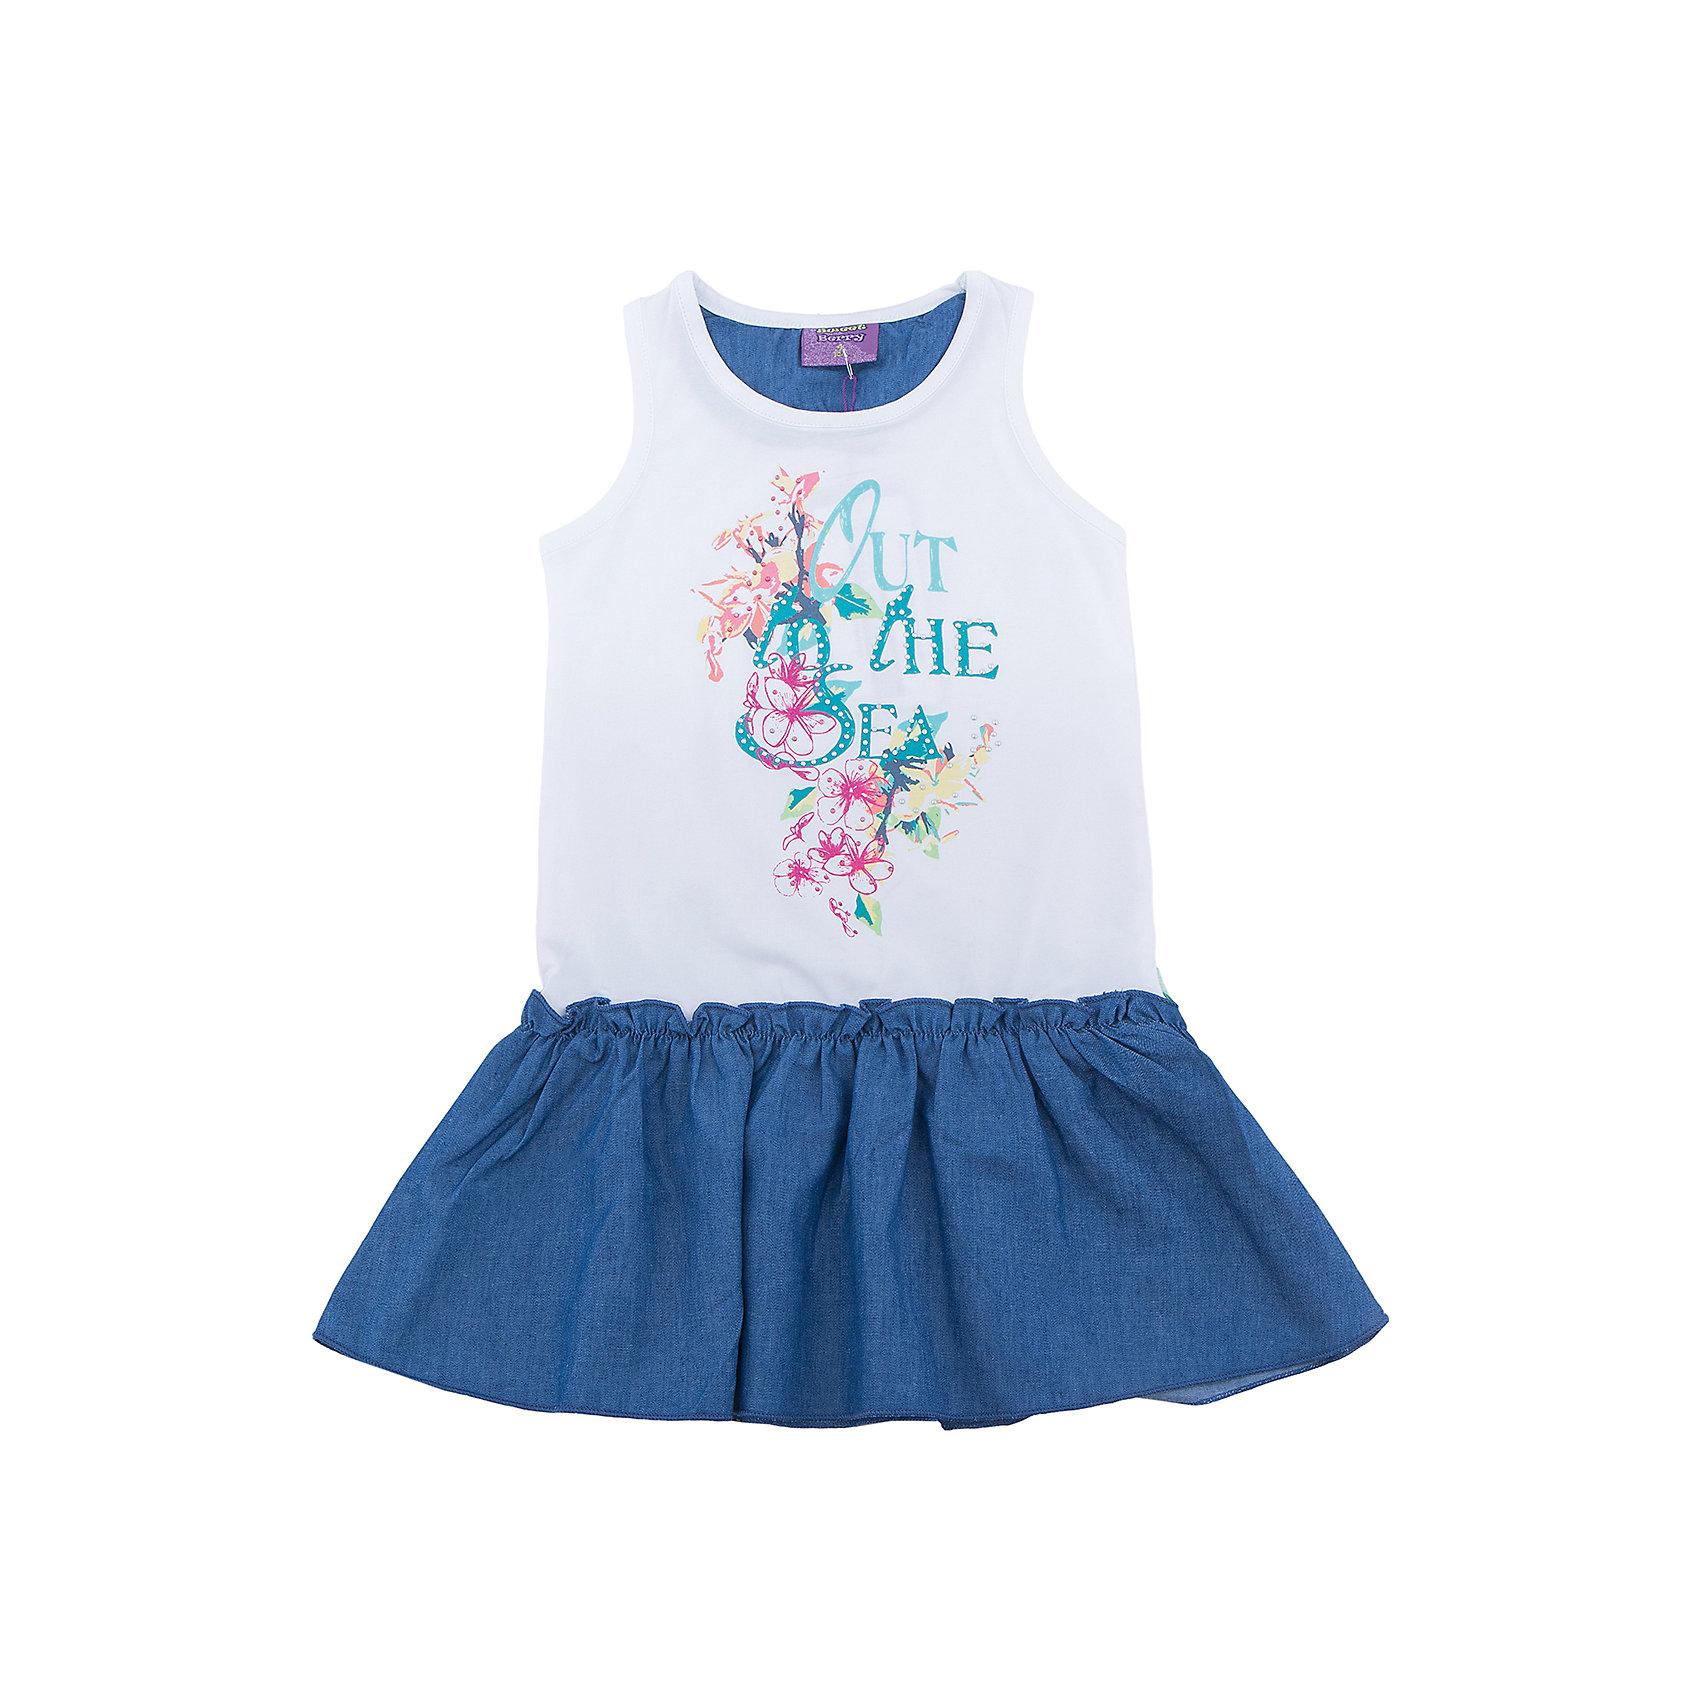 Платье для девочки Sweet BerryПлатья и сарафаны<br>Платье для девочки из трикотажной ткани декорированное ярким принтом и контрастным воланом по низу изделия.<br>Состав:<br>95%хлопок 5%эластан<br><br>Ширина мм: 236<br>Глубина мм: 16<br>Высота мм: 184<br>Вес г: 177<br>Цвет: белый<br>Возраст от месяцев: 36<br>Возраст до месяцев: 48<br>Пол: Женский<br>Возраст: Детский<br>Размер: 98,110,116,122,128,104<br>SKU: 5412776